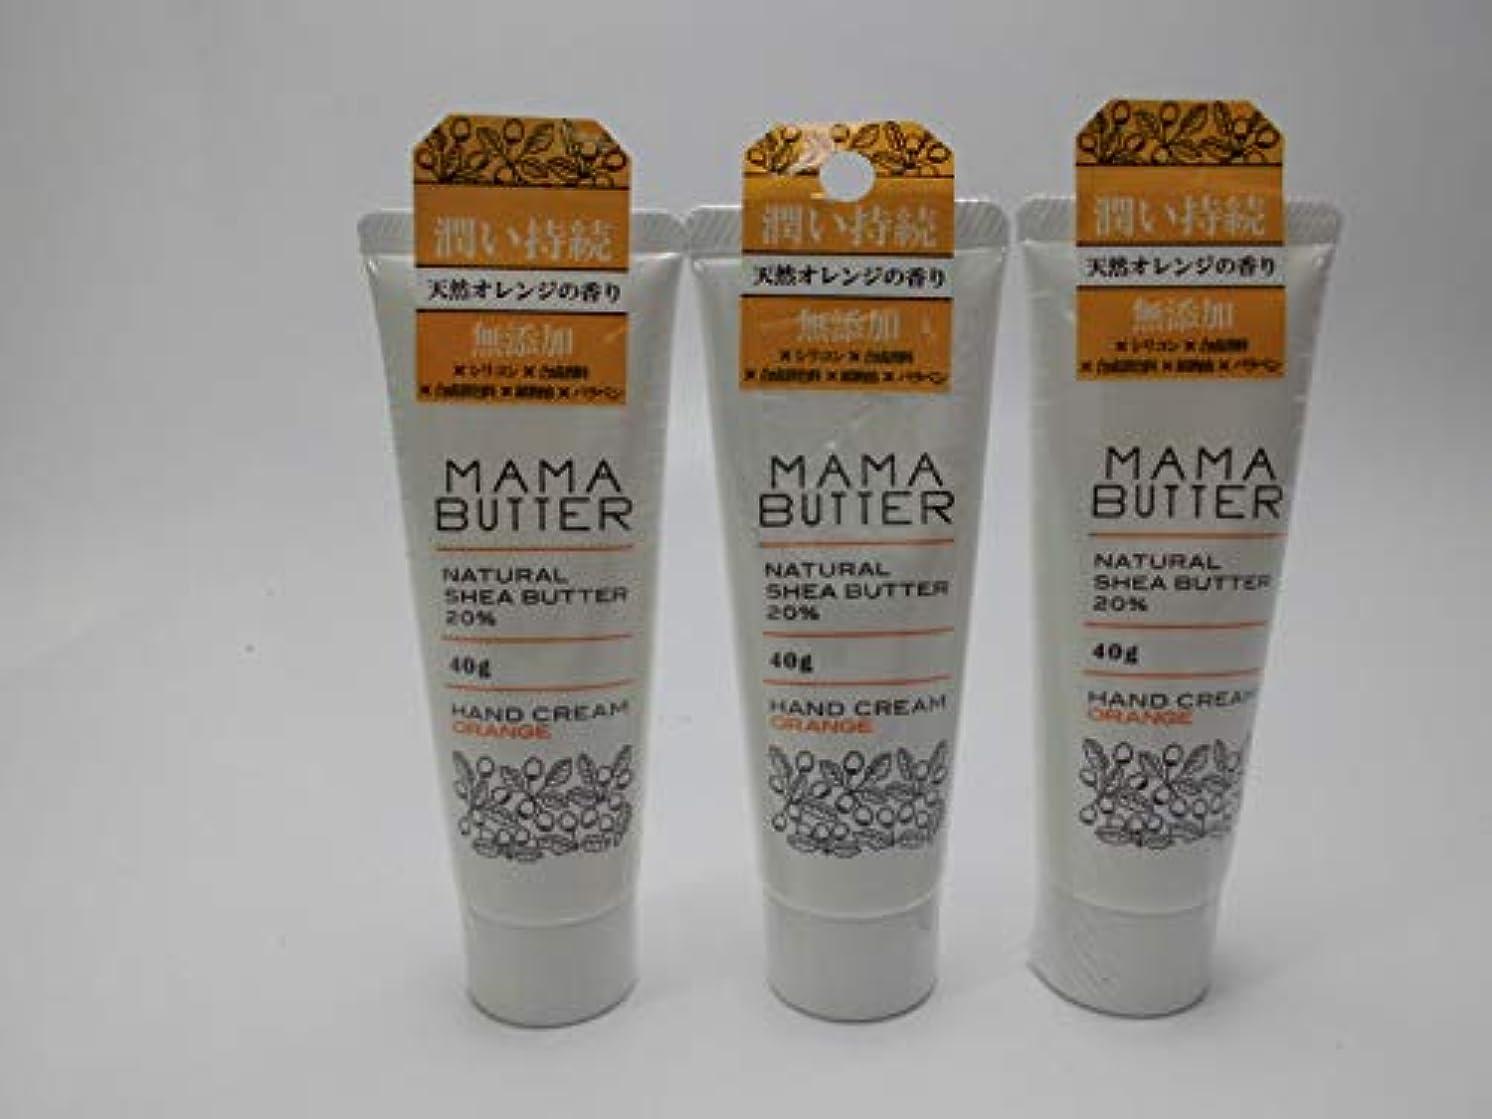 エピソード生理汚物【3個セット】MAMA BUTTER ママバターハンドクリームオレンジ40g(定価1058円)×3個